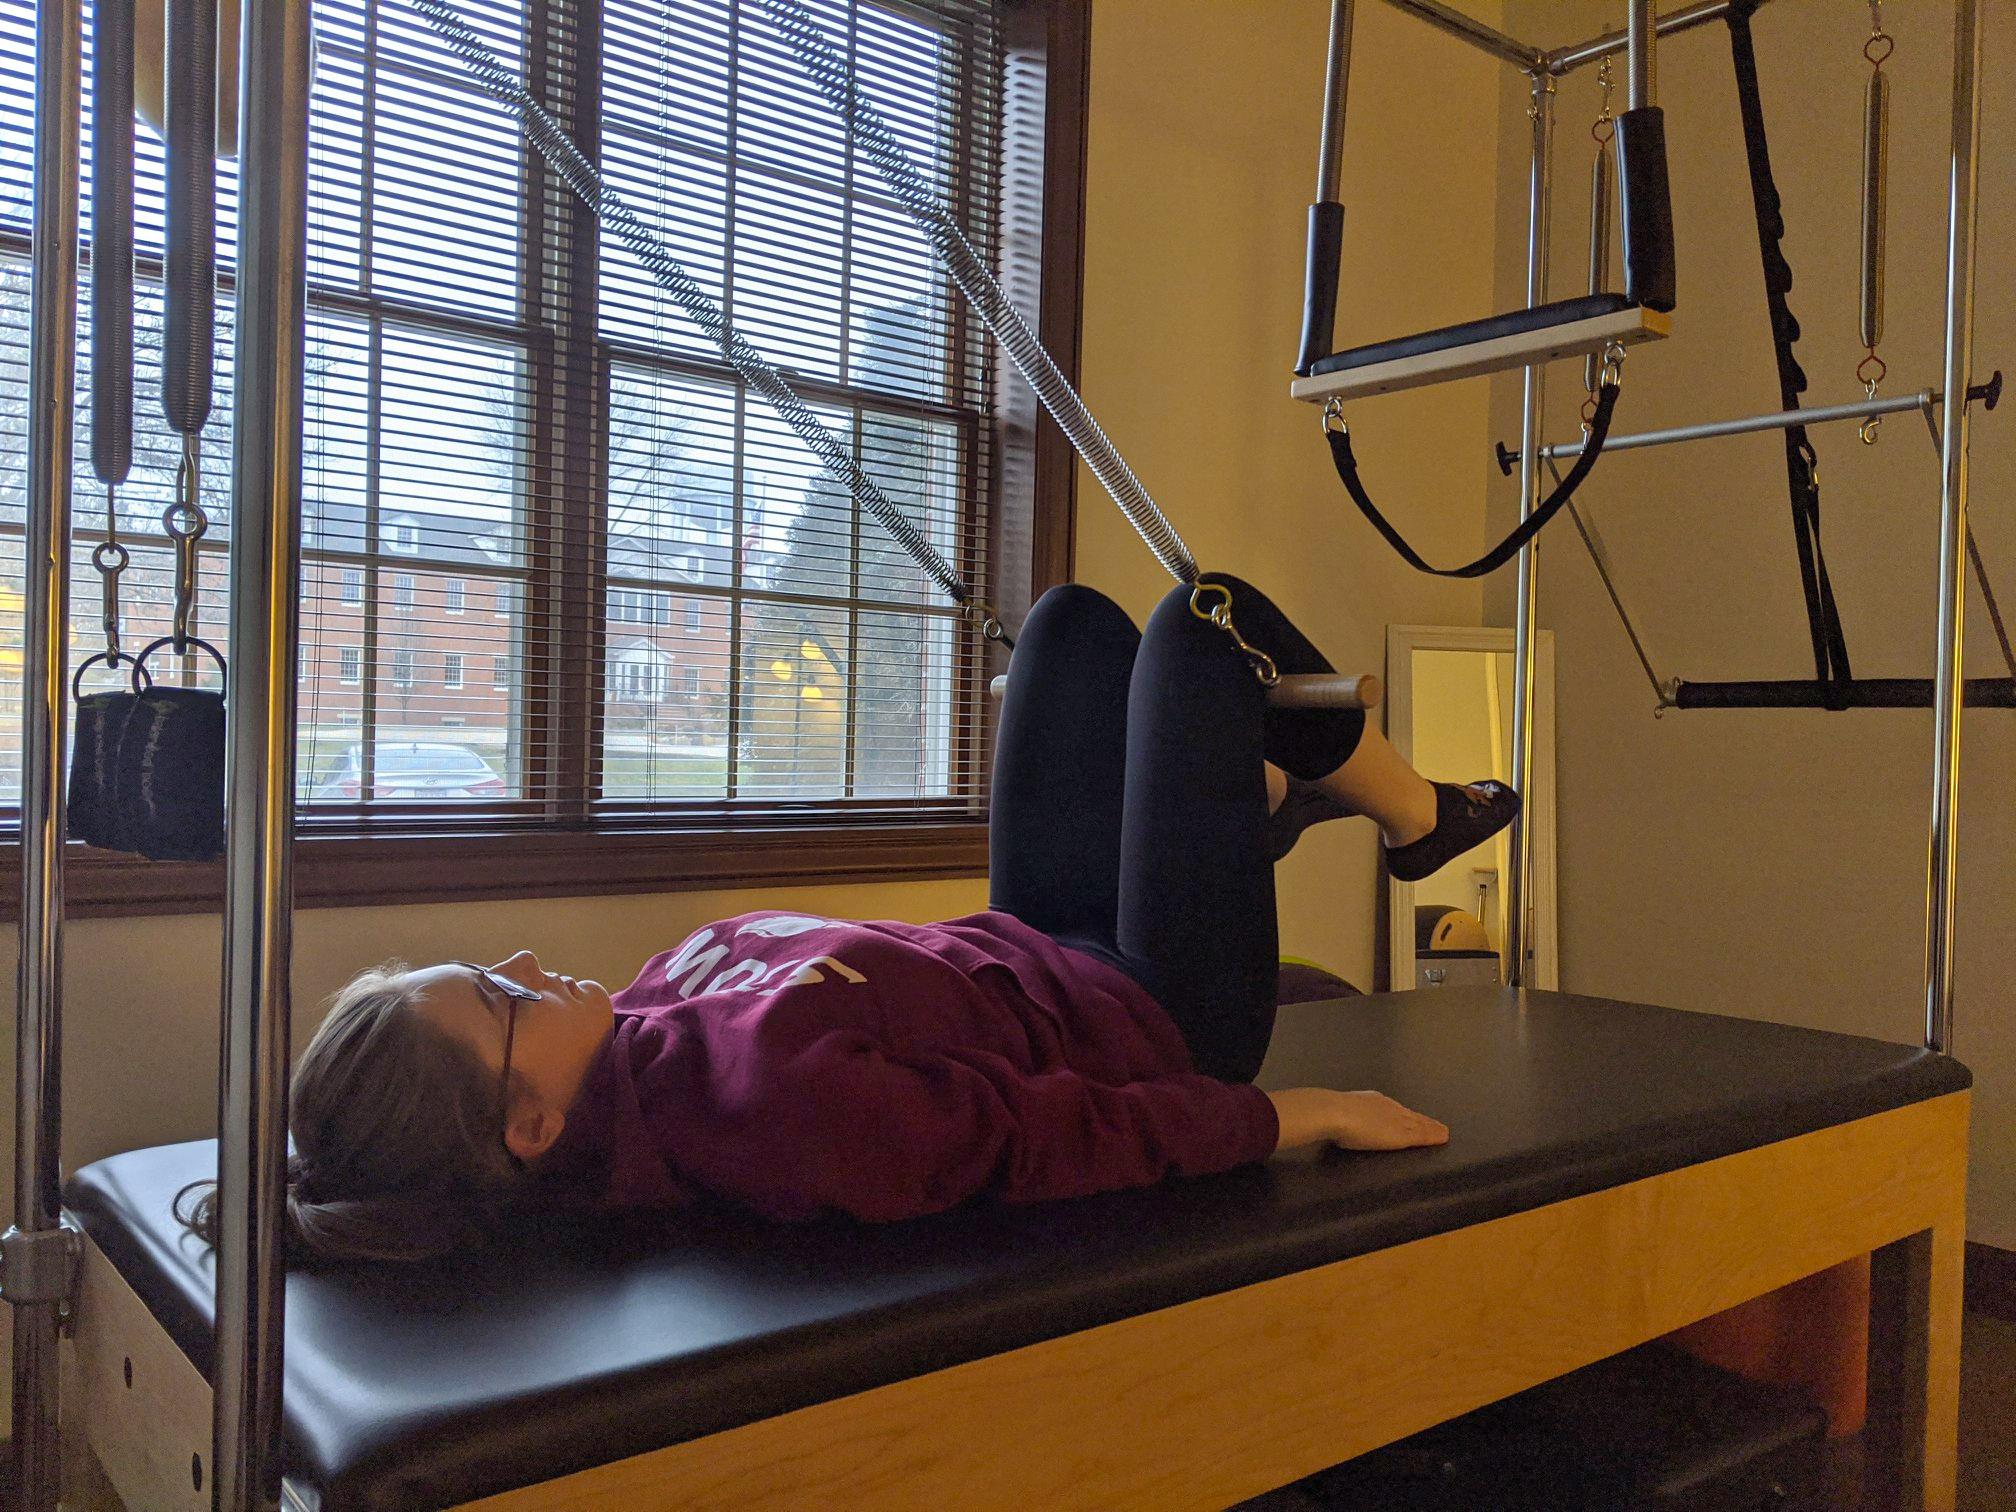 Rosalynn-pilates-trapeze-table